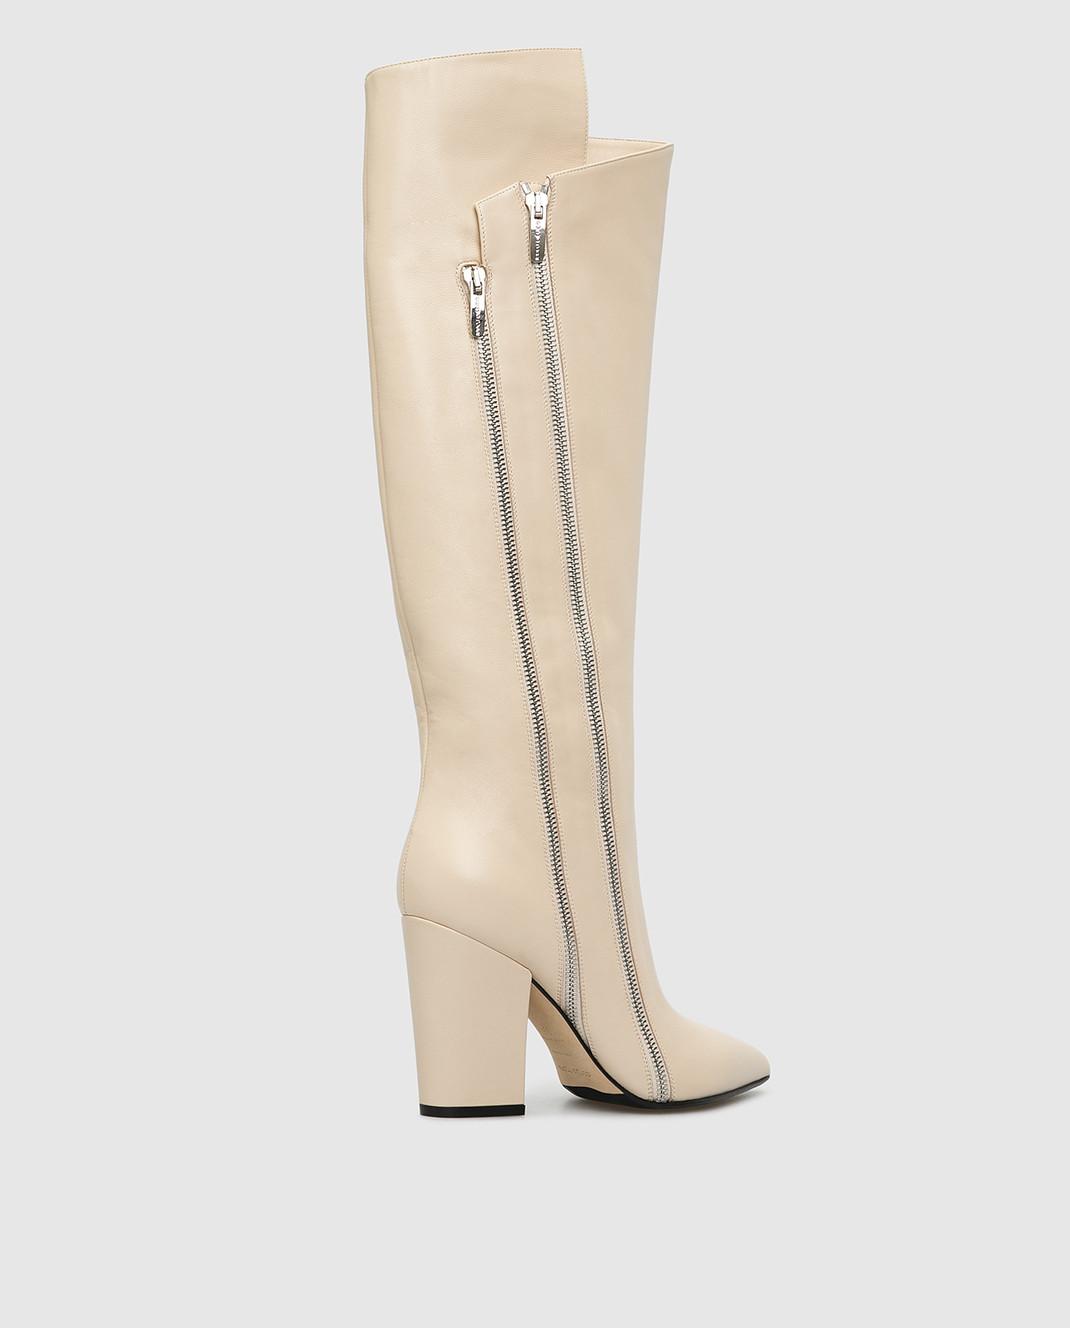 Sergio Rossi Светло-бежевые кожаные сапоги изображение 4